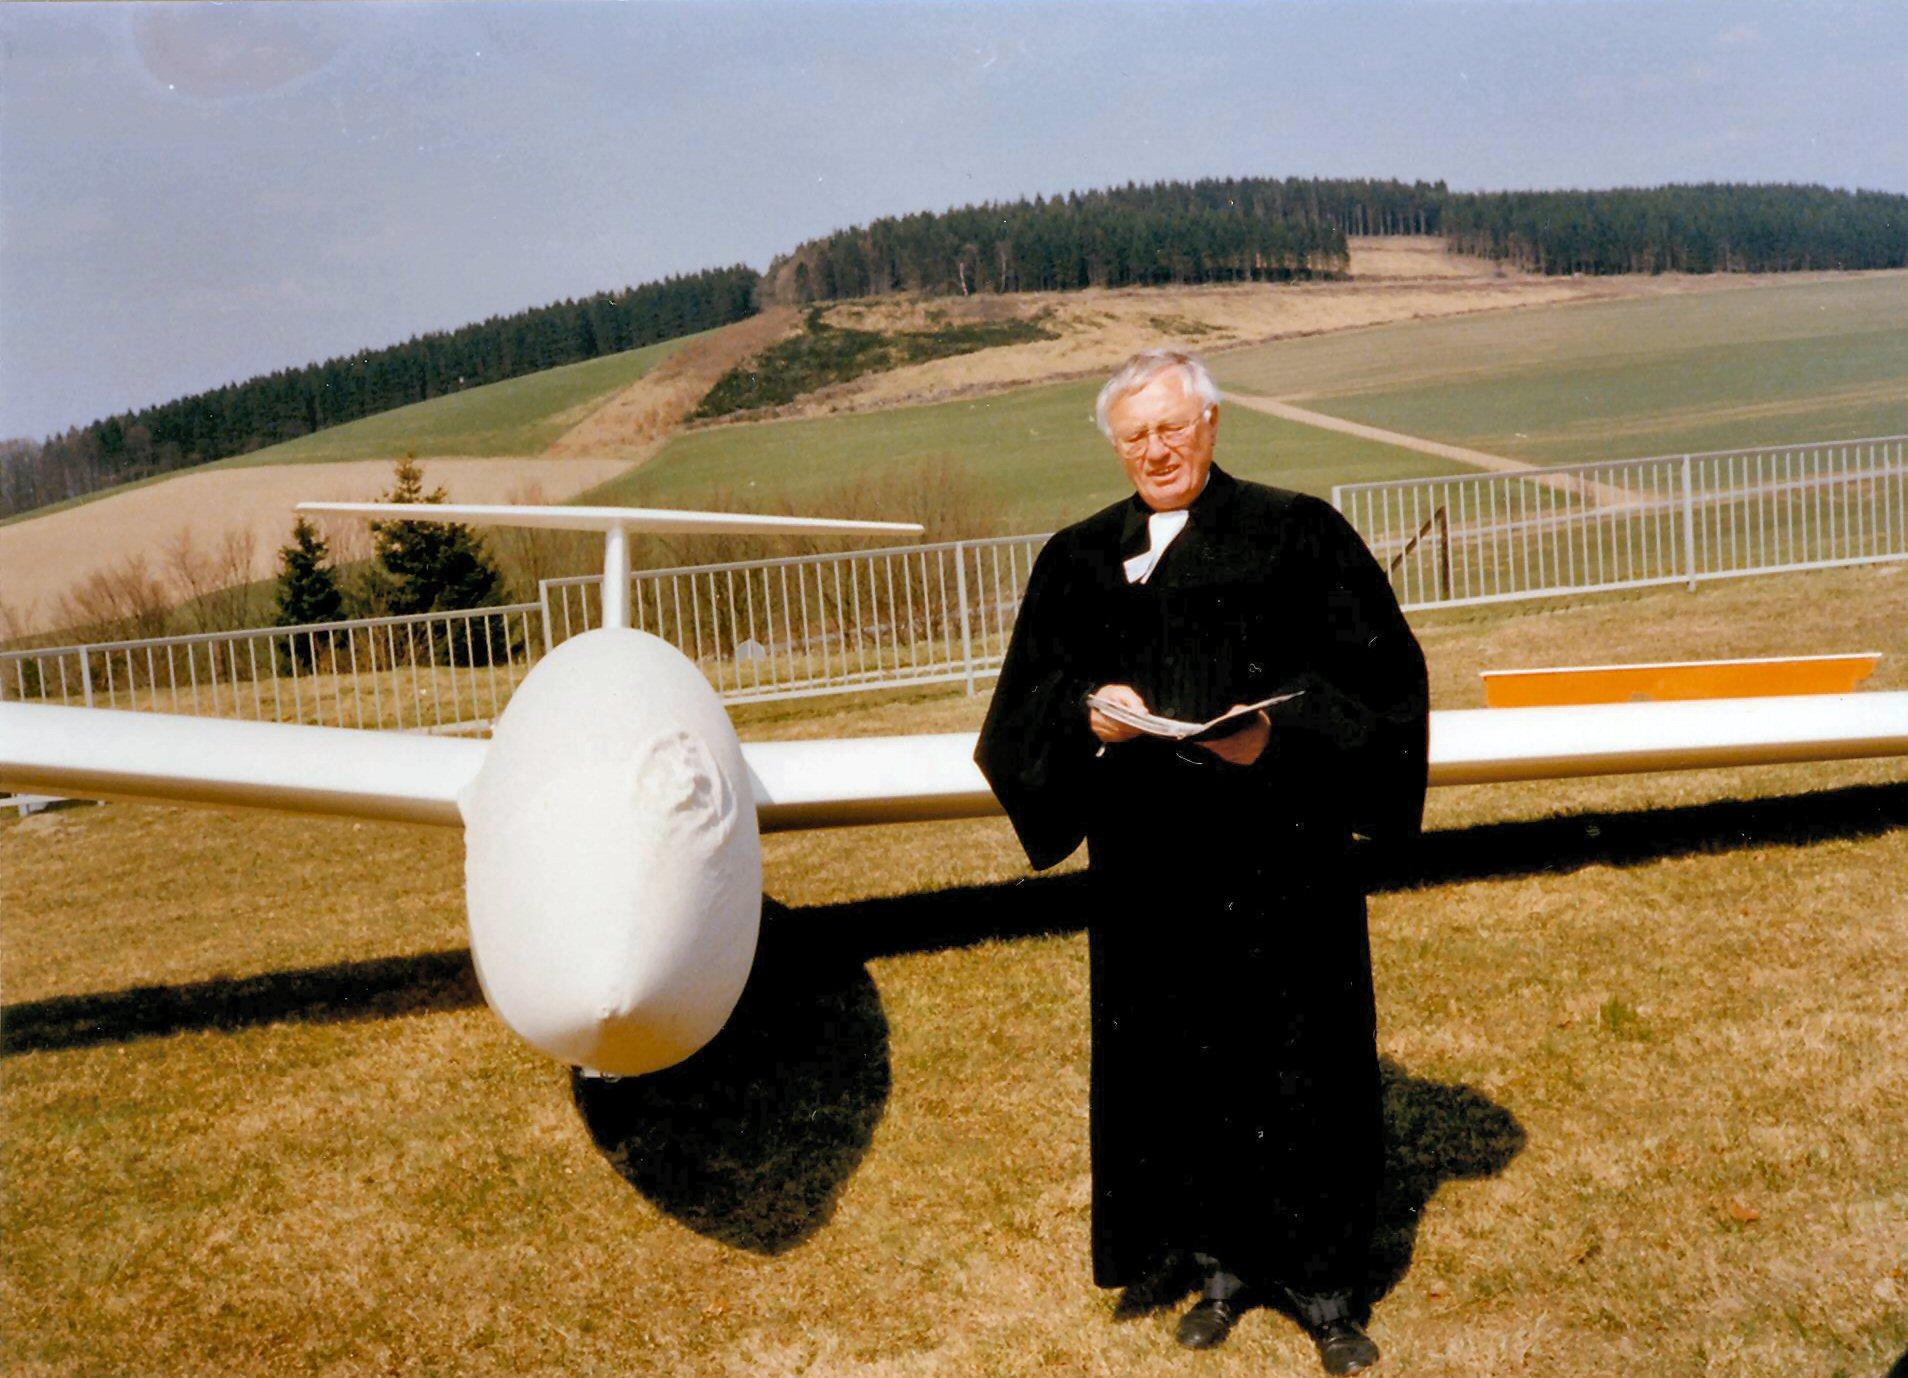 Flugzeugtaufe durch Pastor Gerpheide